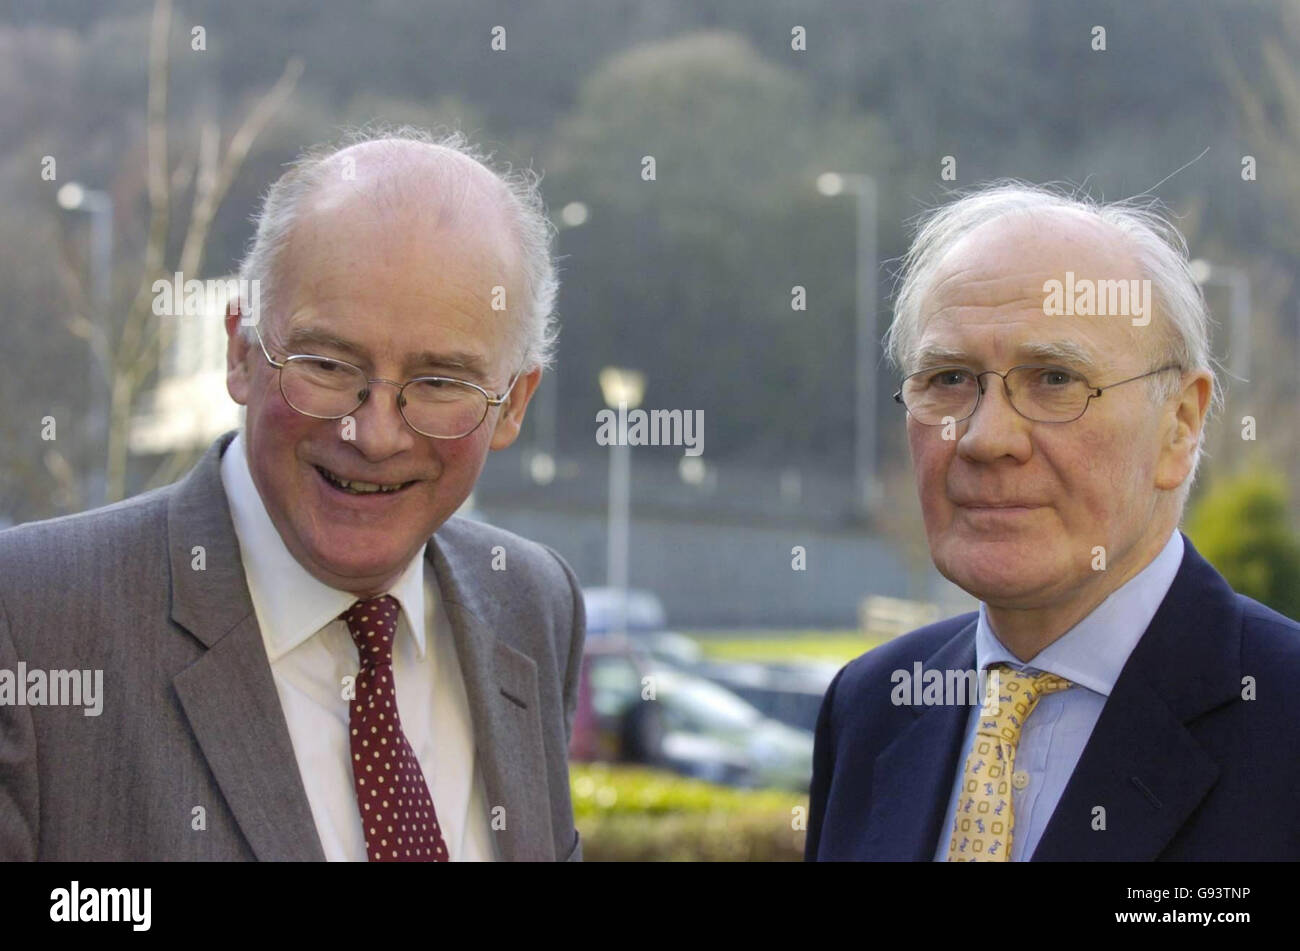 POLITICS LibDems Stock Photo